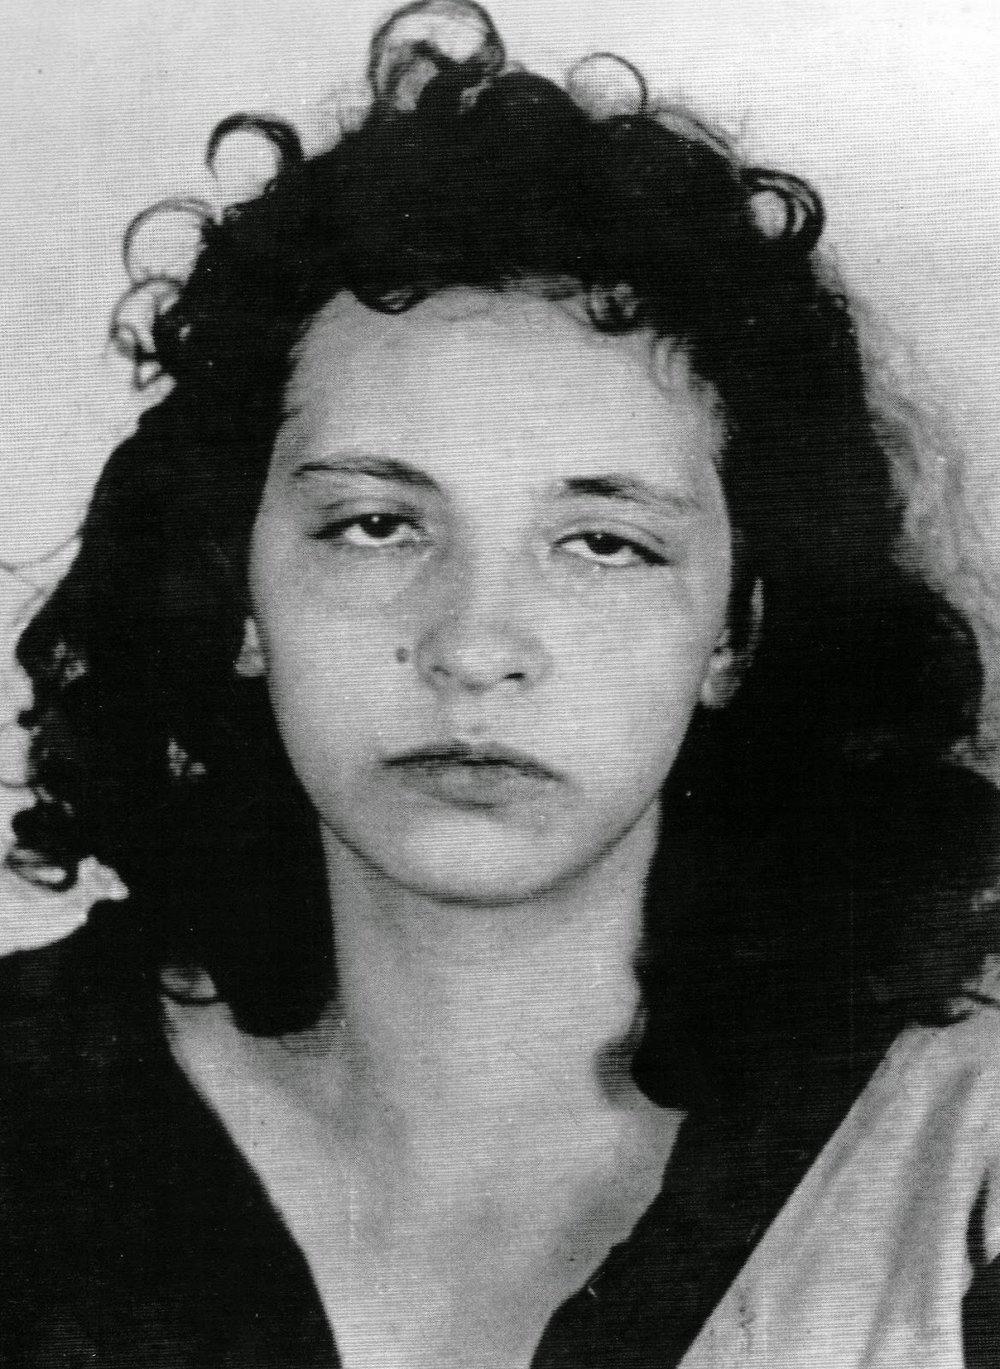 """L'écrivaine Patrícia Galvão, alias Pagu, après son arrestation par la police le 23 janvier 1936 pour appartenance au Parti Communiste du Brésil interdit. Lire notre article  """"Reste pauvre, Bruna, et tais-toi !"""""""